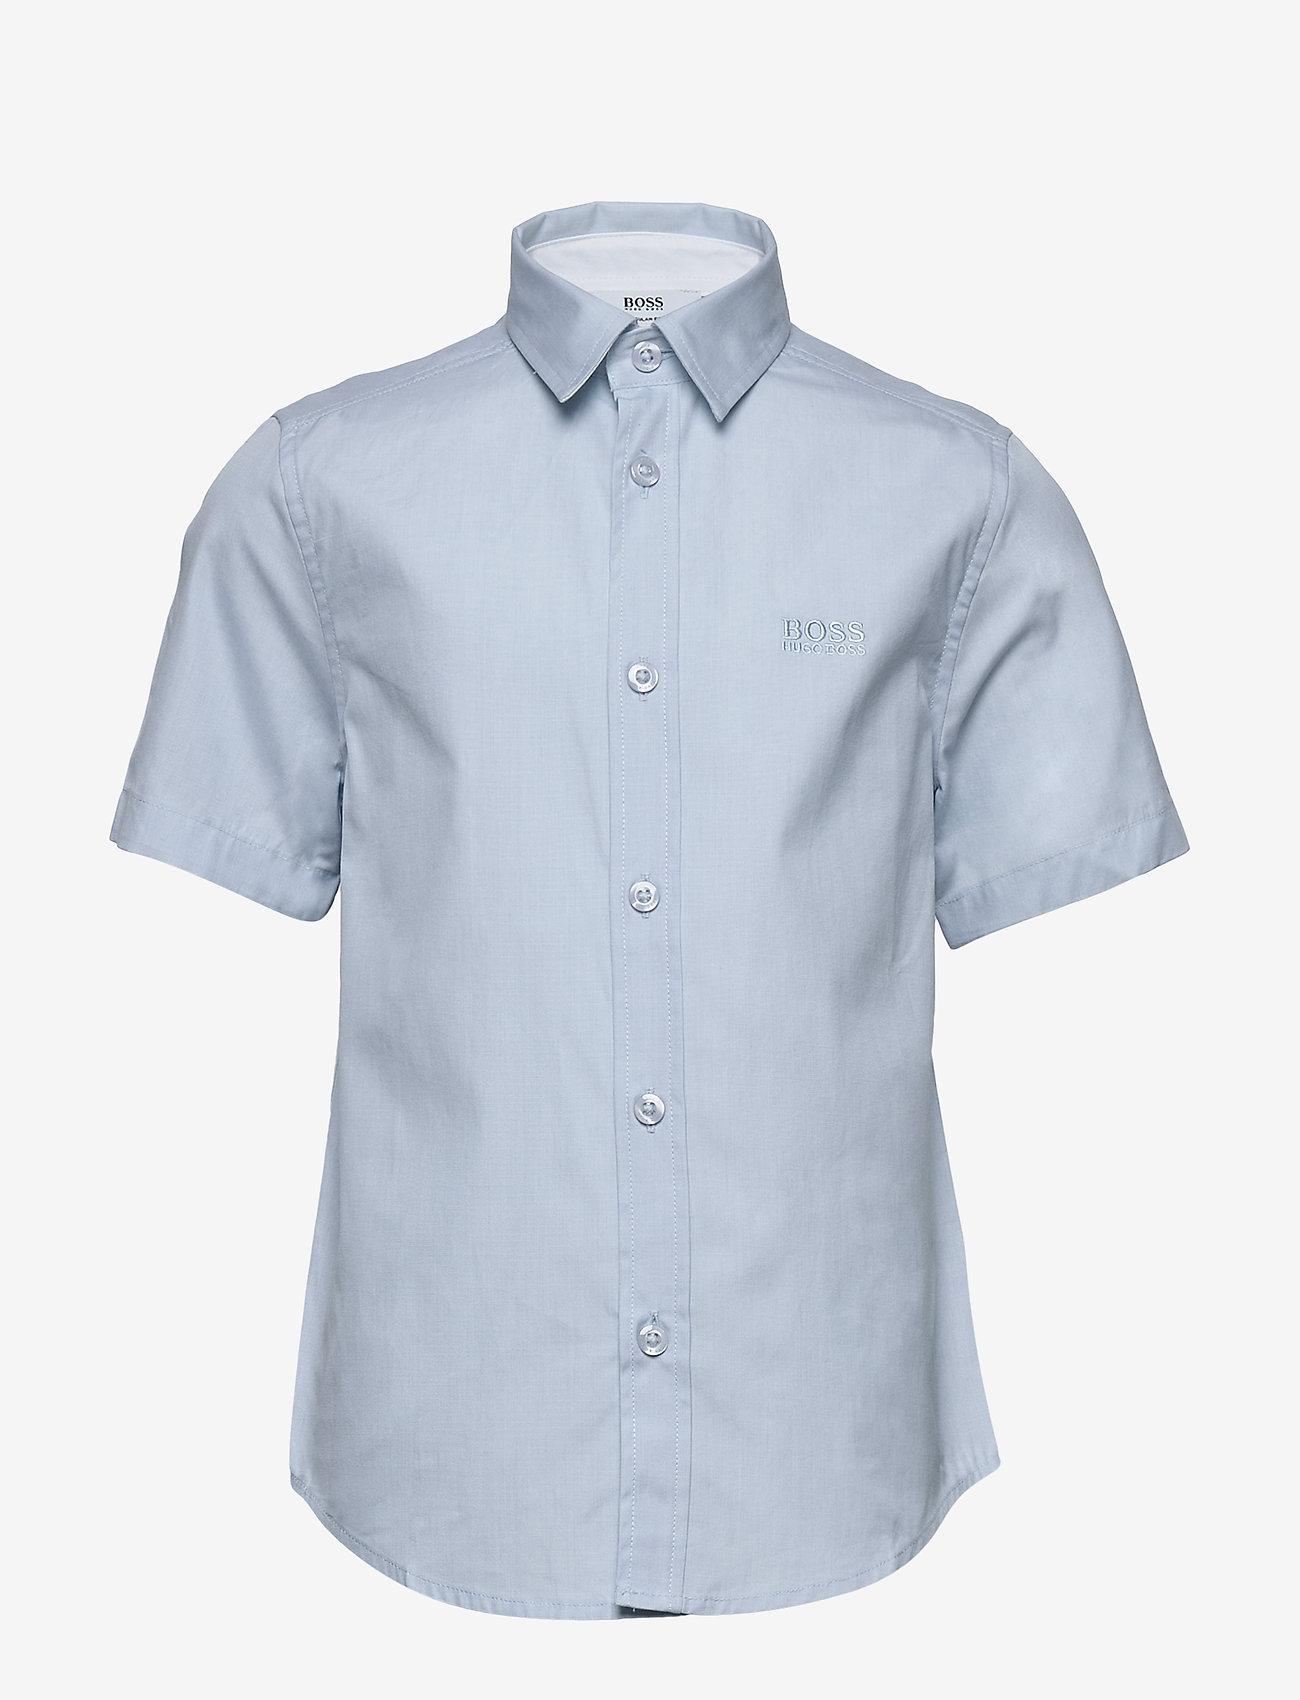 BOSS - SHORT SLEEVE SHIRT - shirts - pale blue